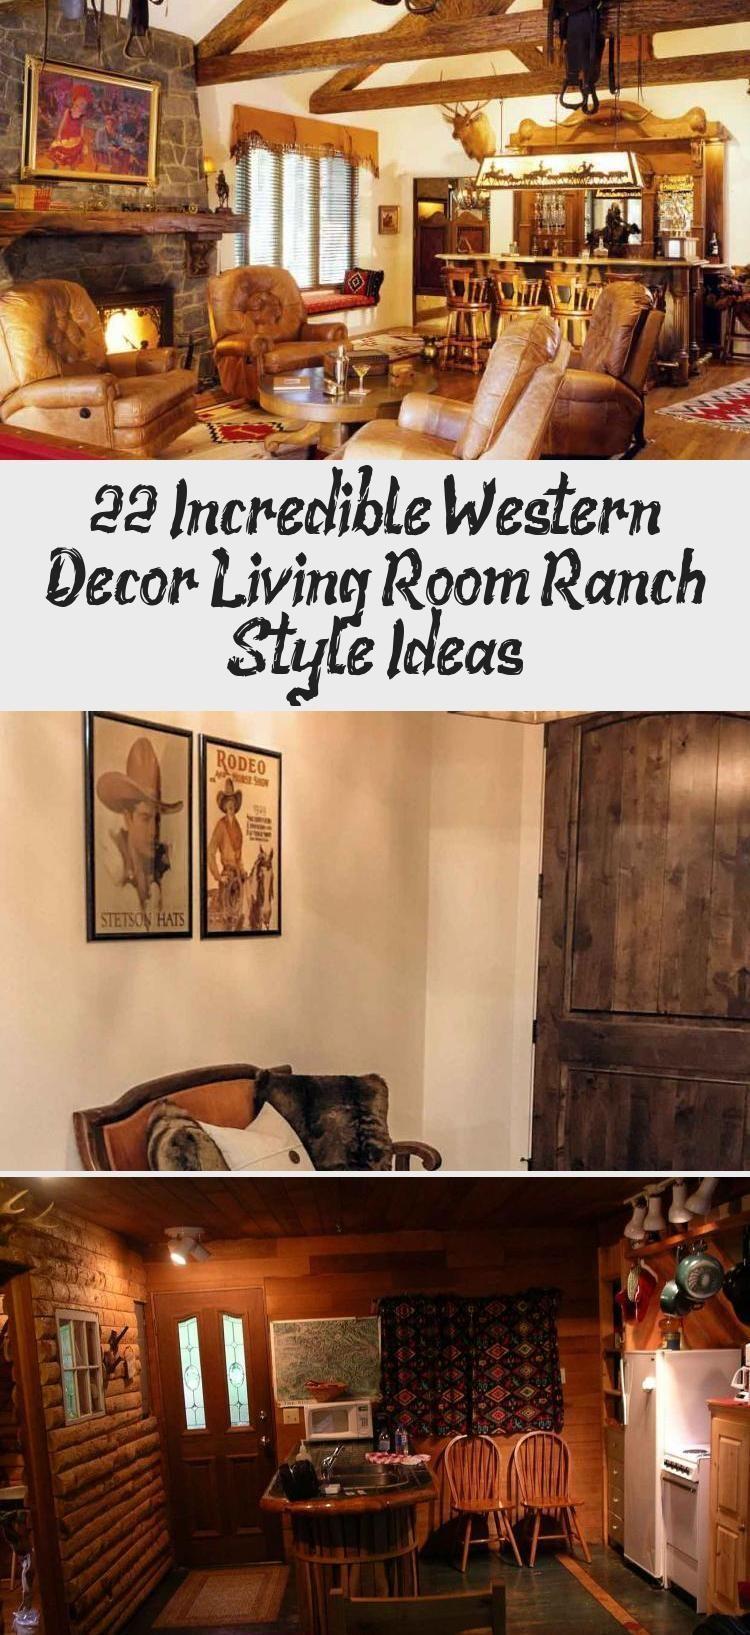 Nice Western Decor Living Room Ranch Style 21 Western Decor Living Room Ranch Nice West In 2020 Western Deko Landhausstil Wohnzimmer Wohnzimmer Dekor #western #theme #living #room